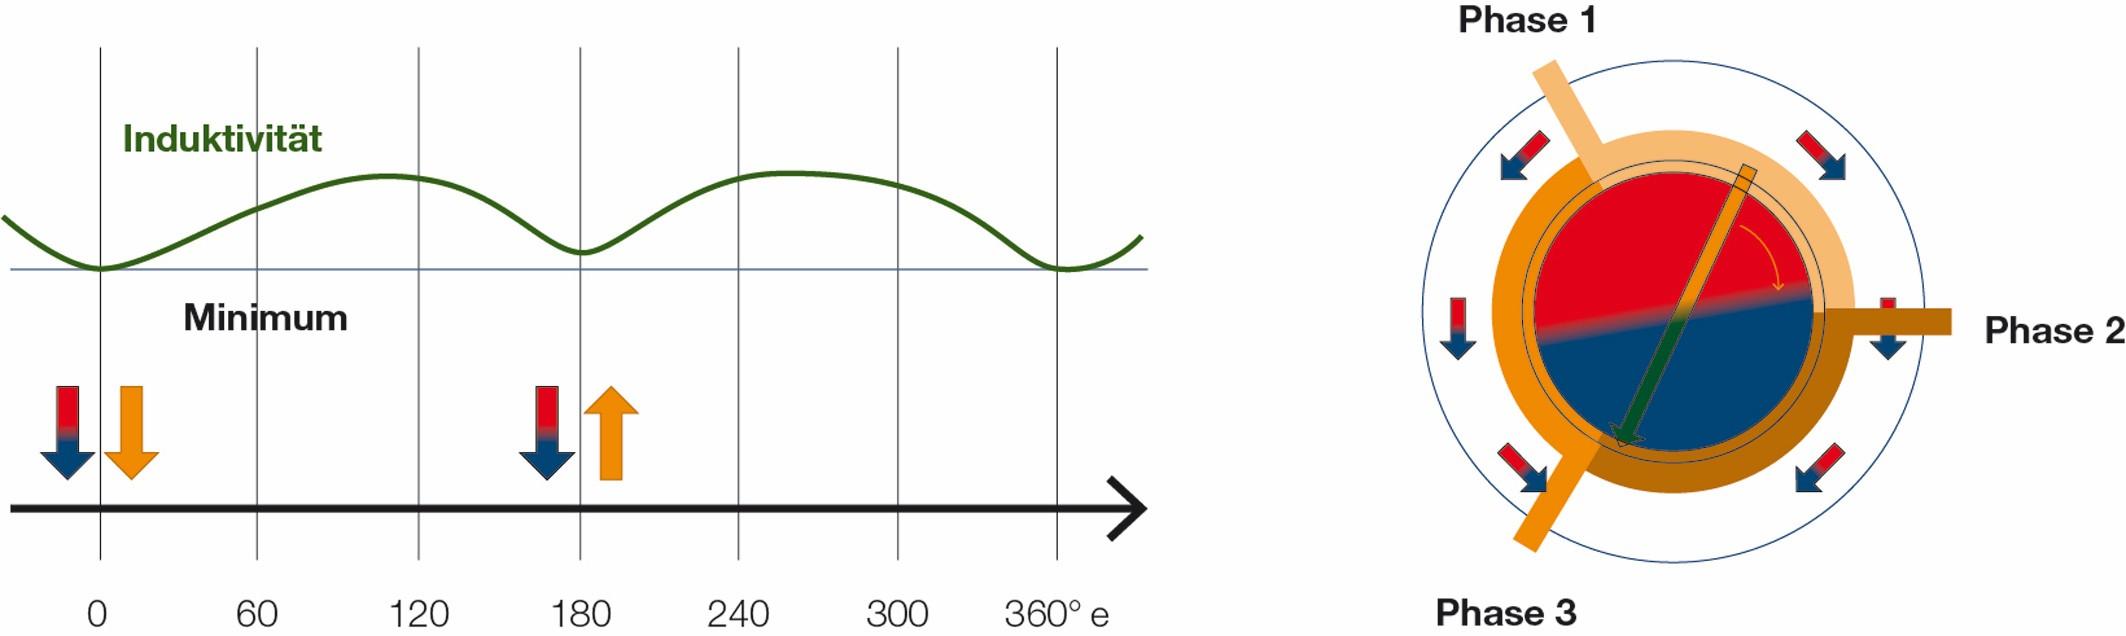 Bild 2 Schematische Darstellung der Anisotropie der Induktivität. Sie zeigt zwei fast identische Minima im Abstand von 180 elektrischen Grad. Bild: maxon